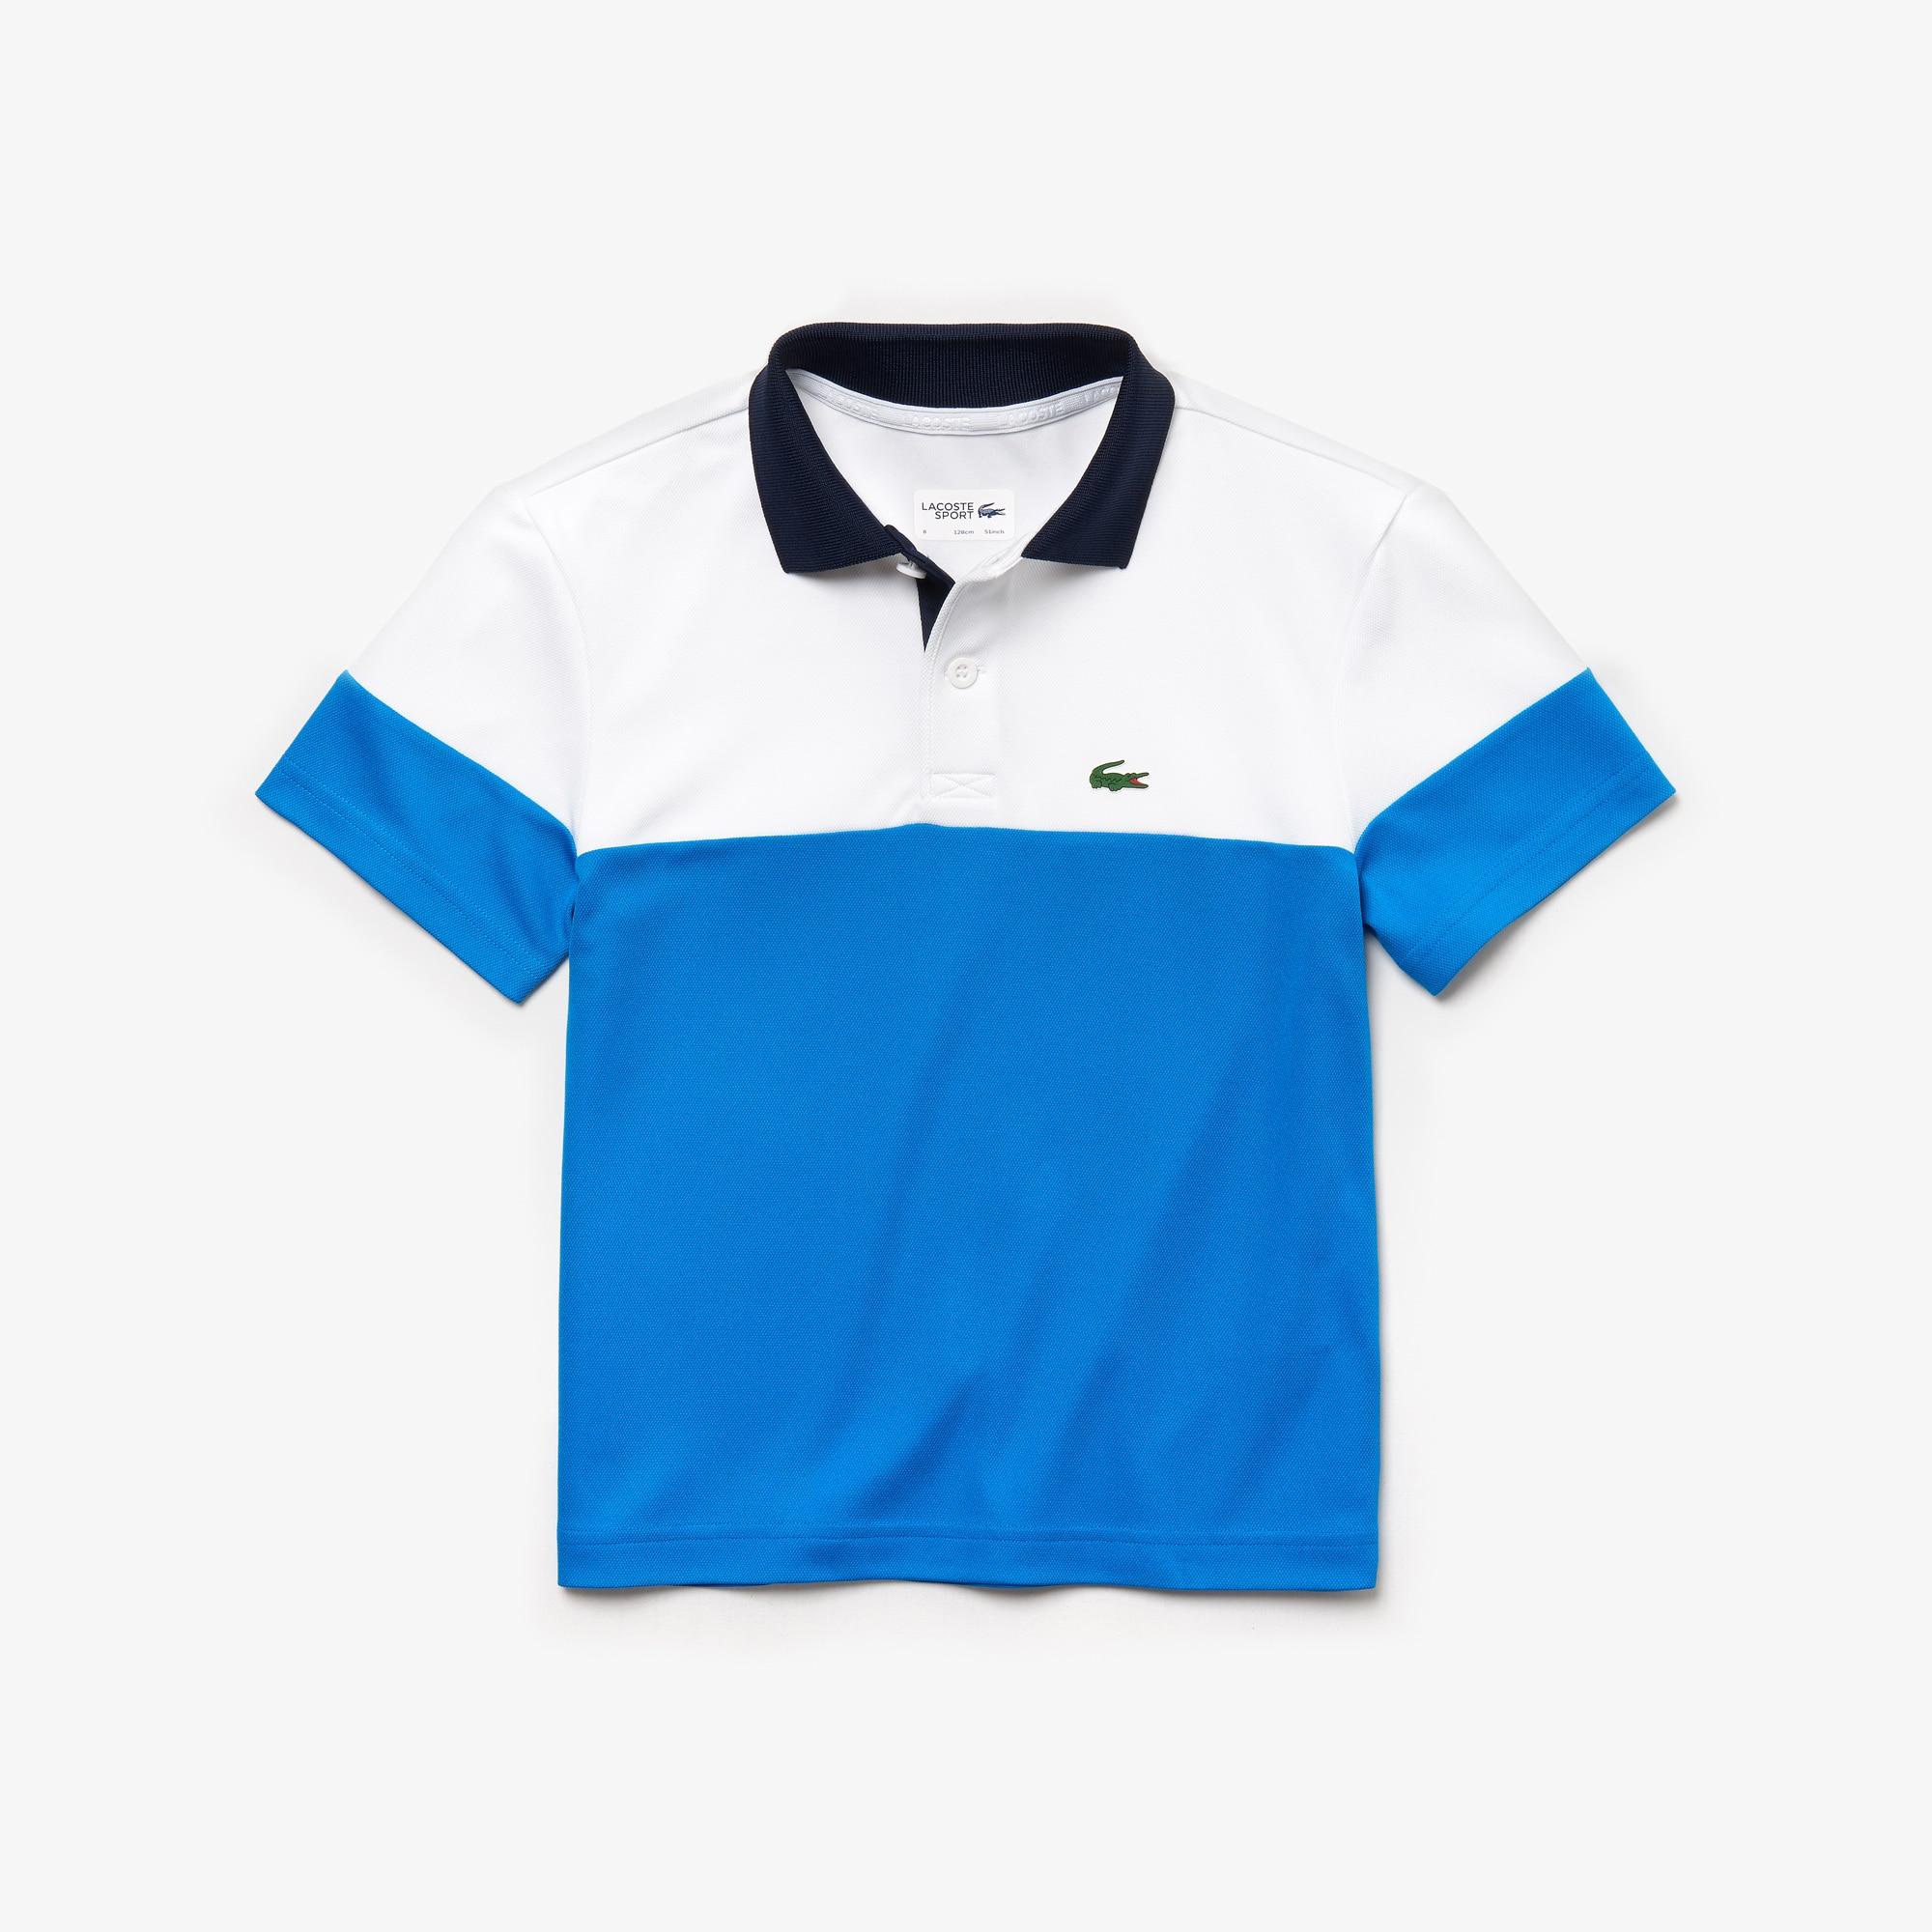 64c905dfa2 Boys' Lacoste SPORT Colourblock Breathable Piqué Tennis Polo Shirt